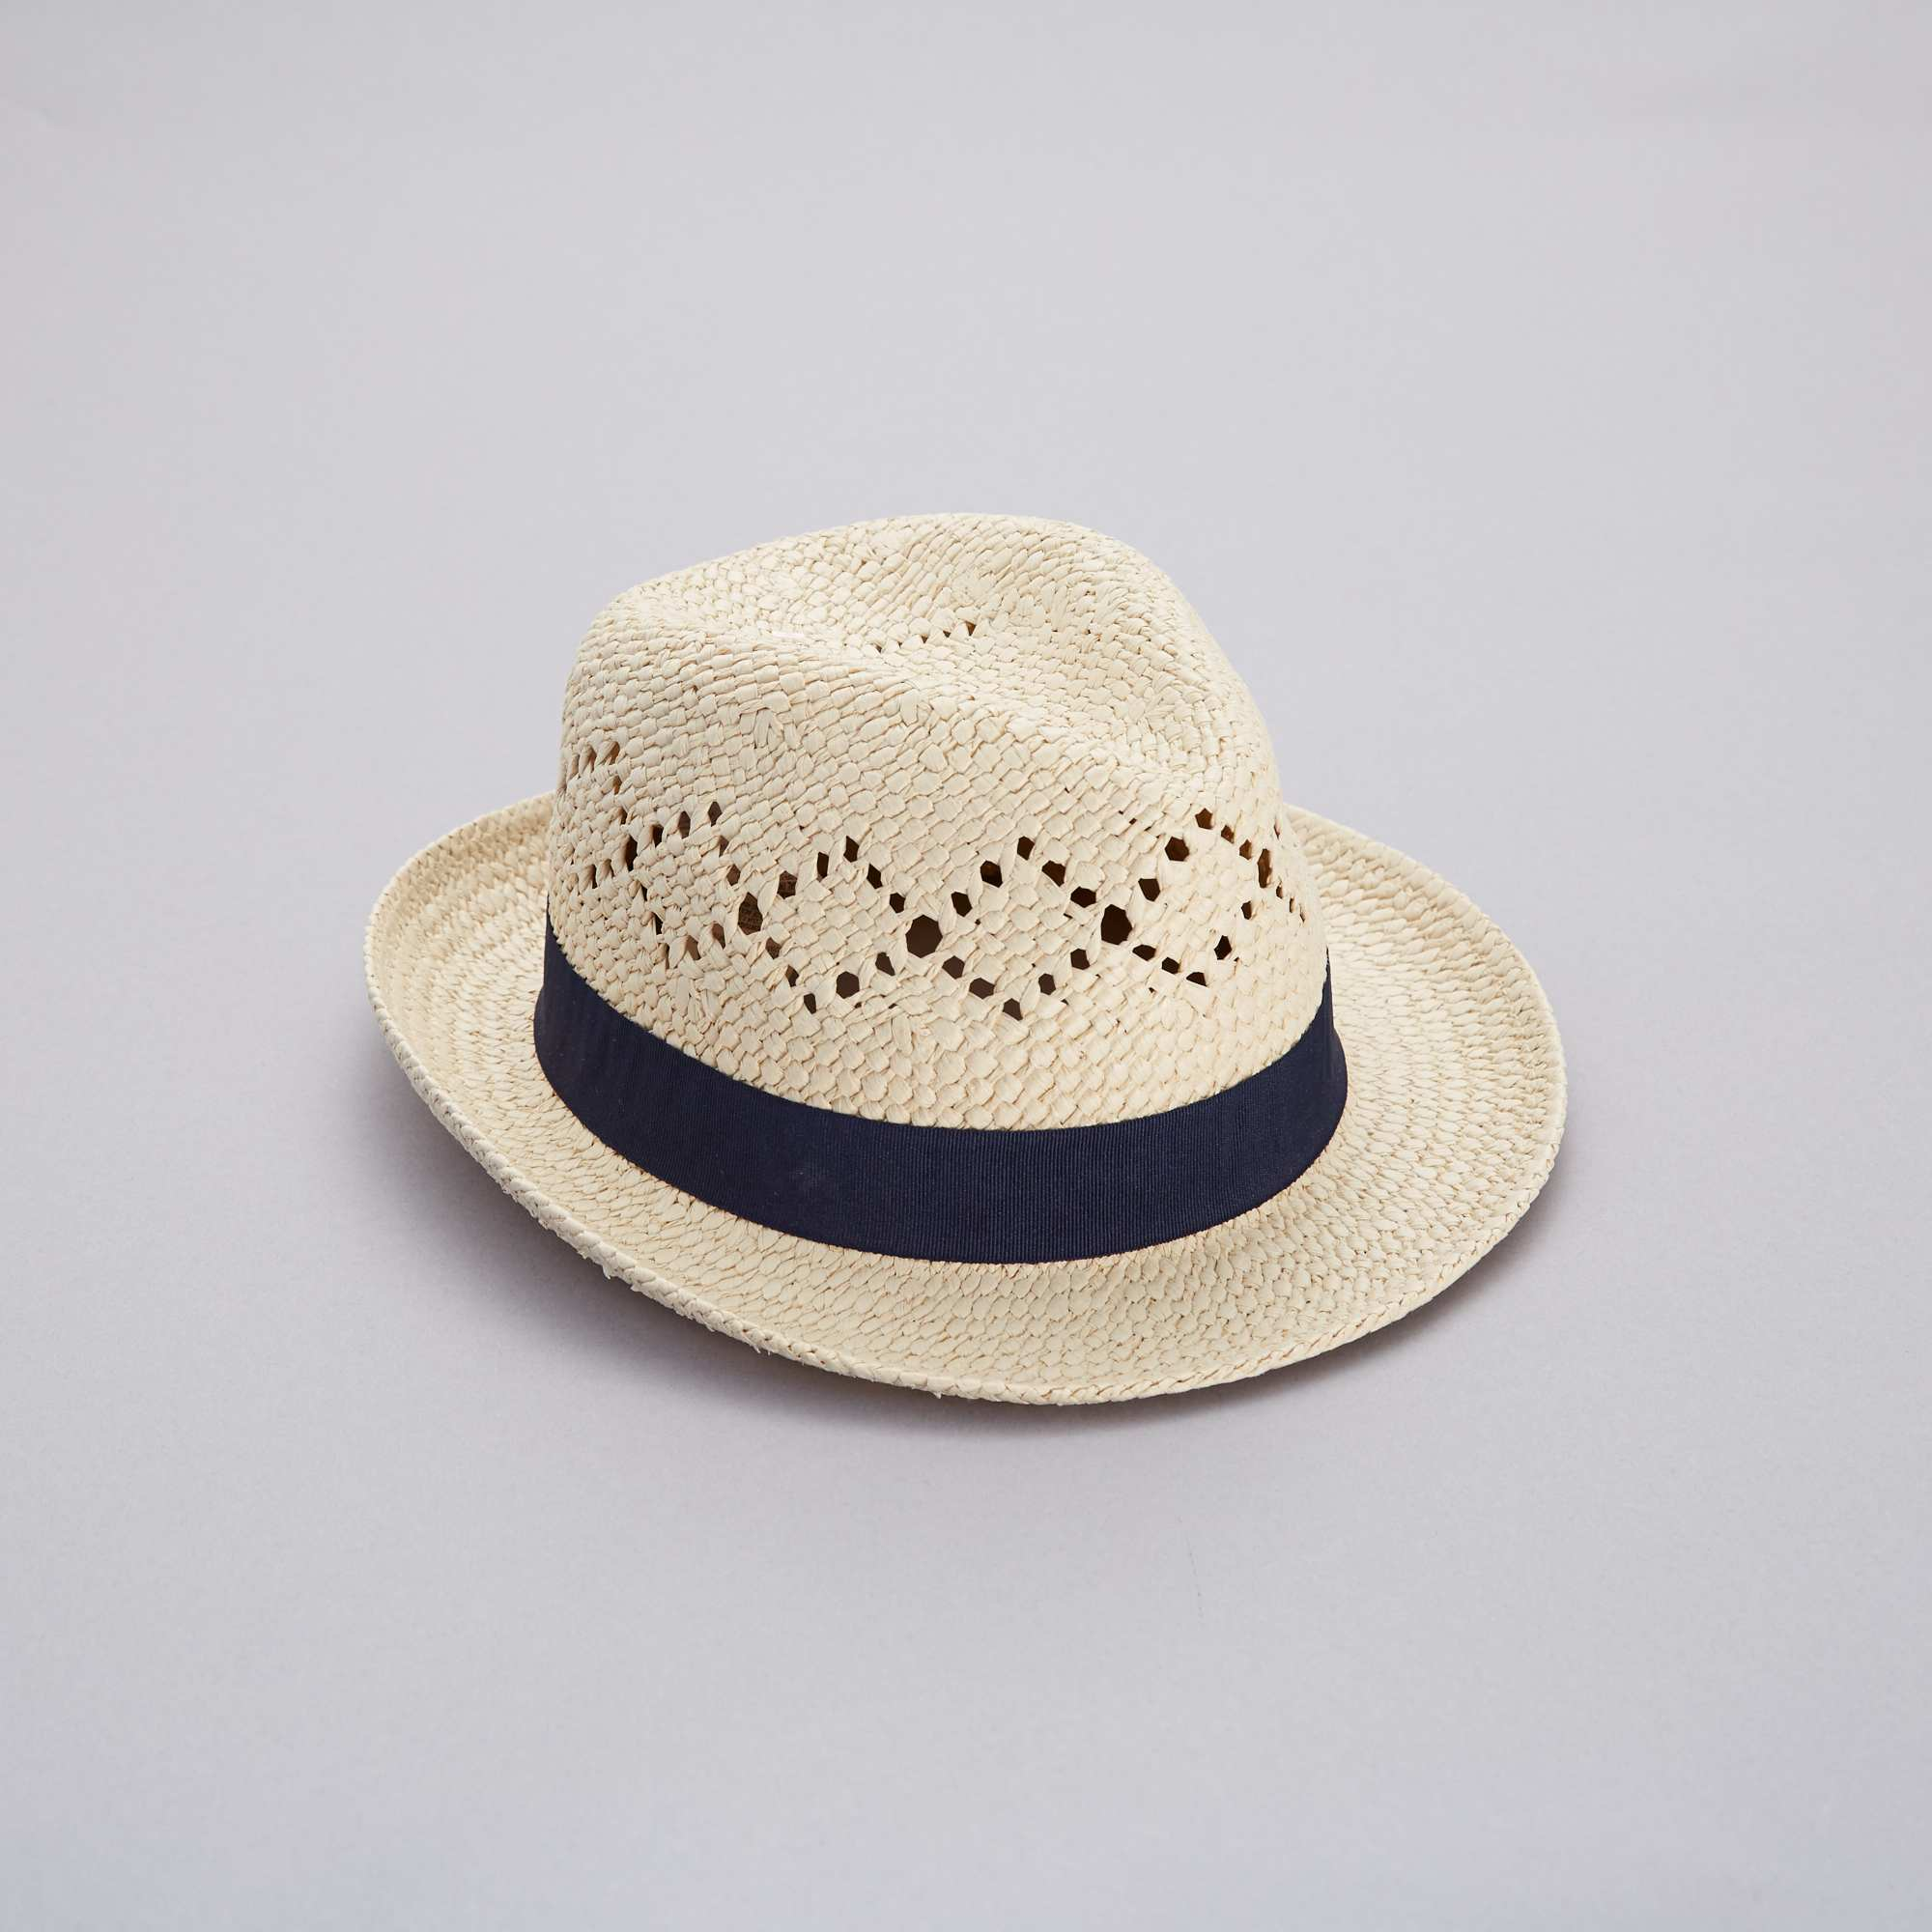 Sombrero borsalino de paja Mujer talla 34 a 48 - azul navy - Kiabi ... 6288e556928